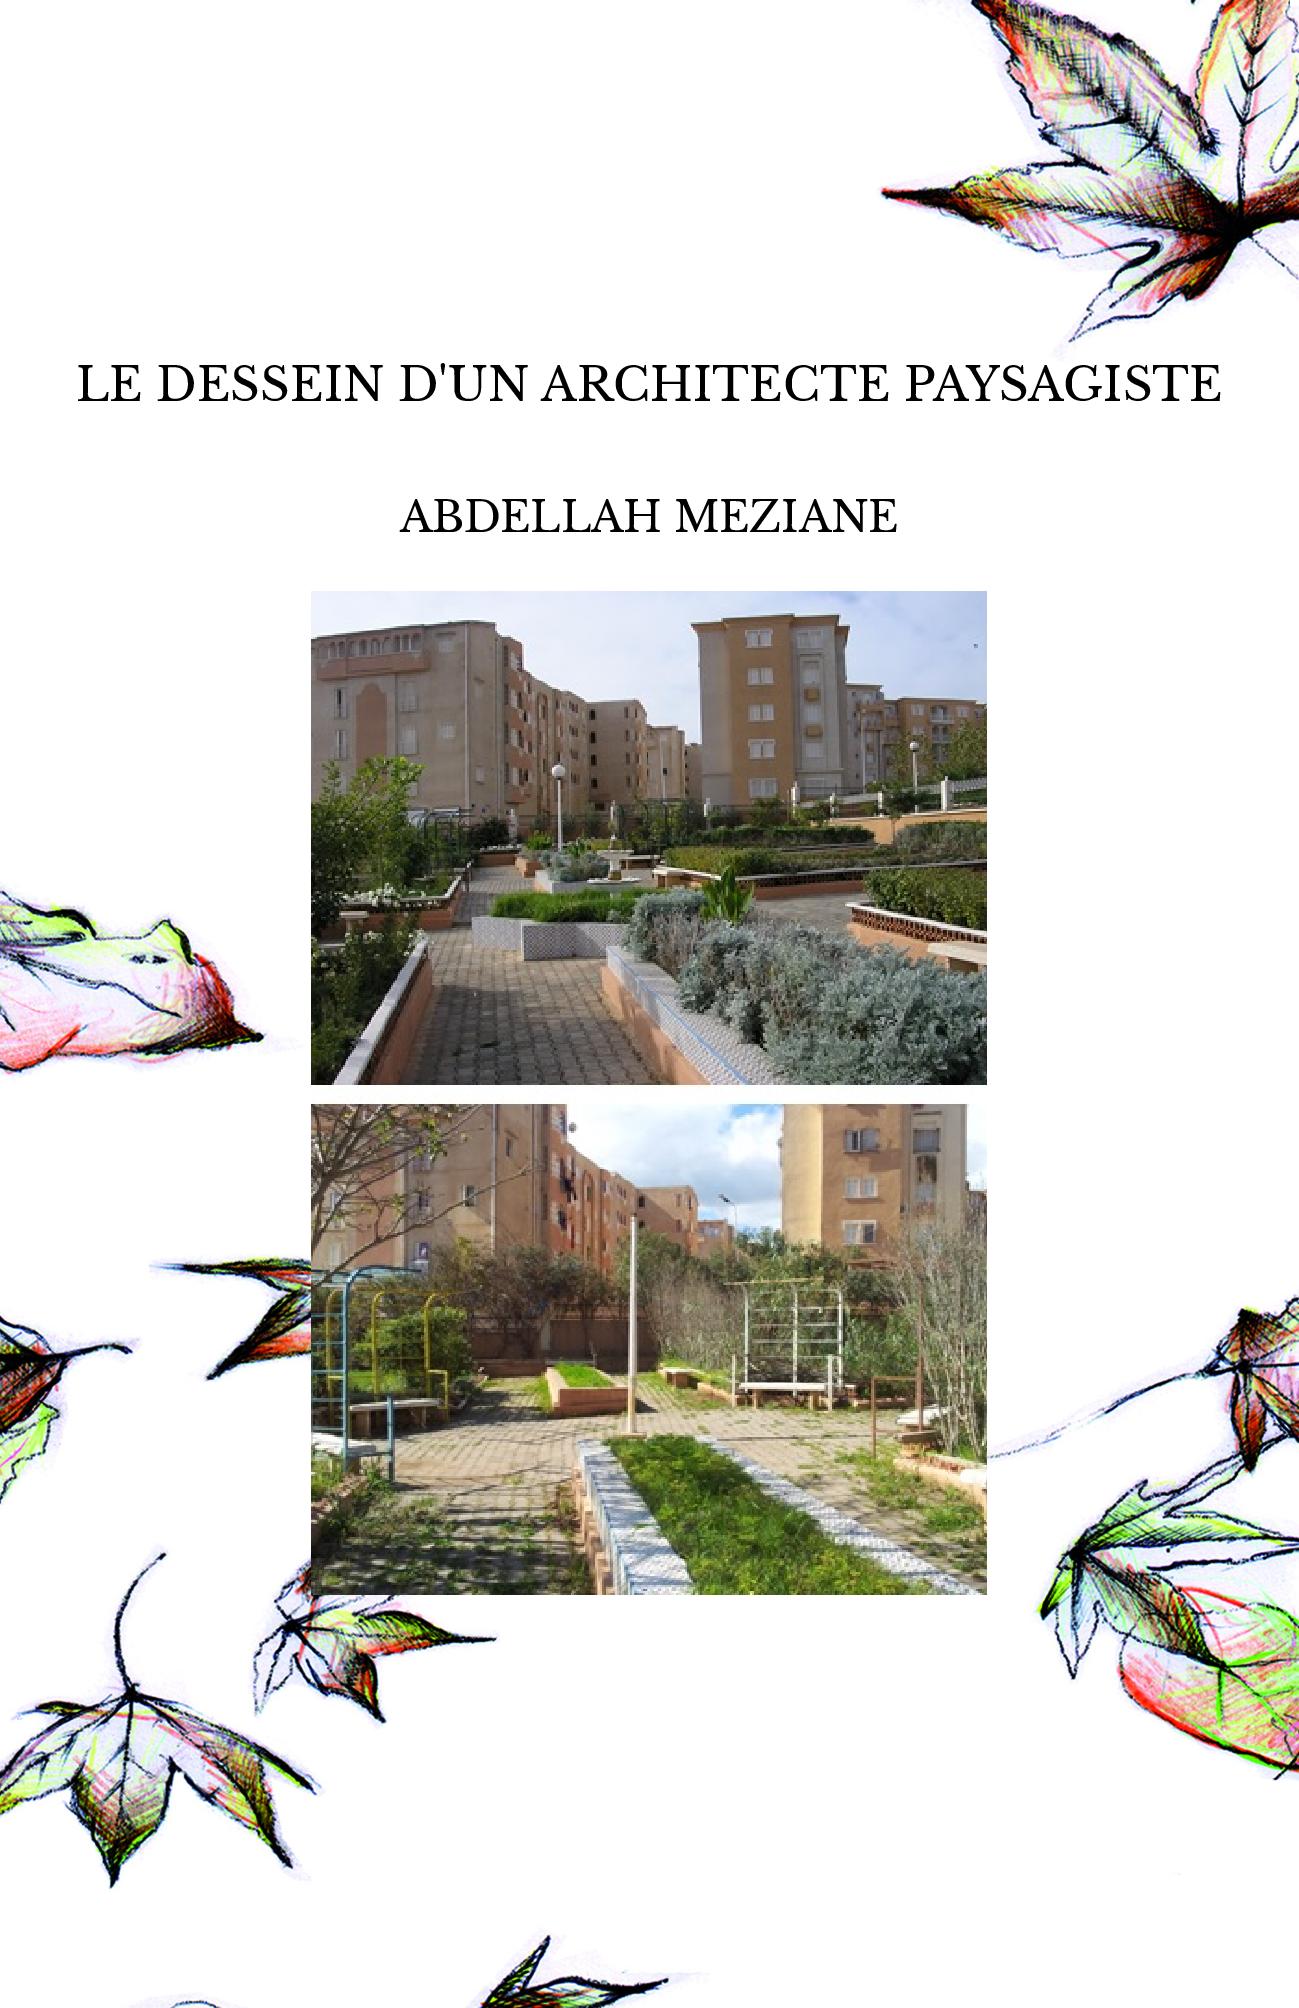 LE DESSEIN D'UN ARCHITECTE PAYSAGISTE